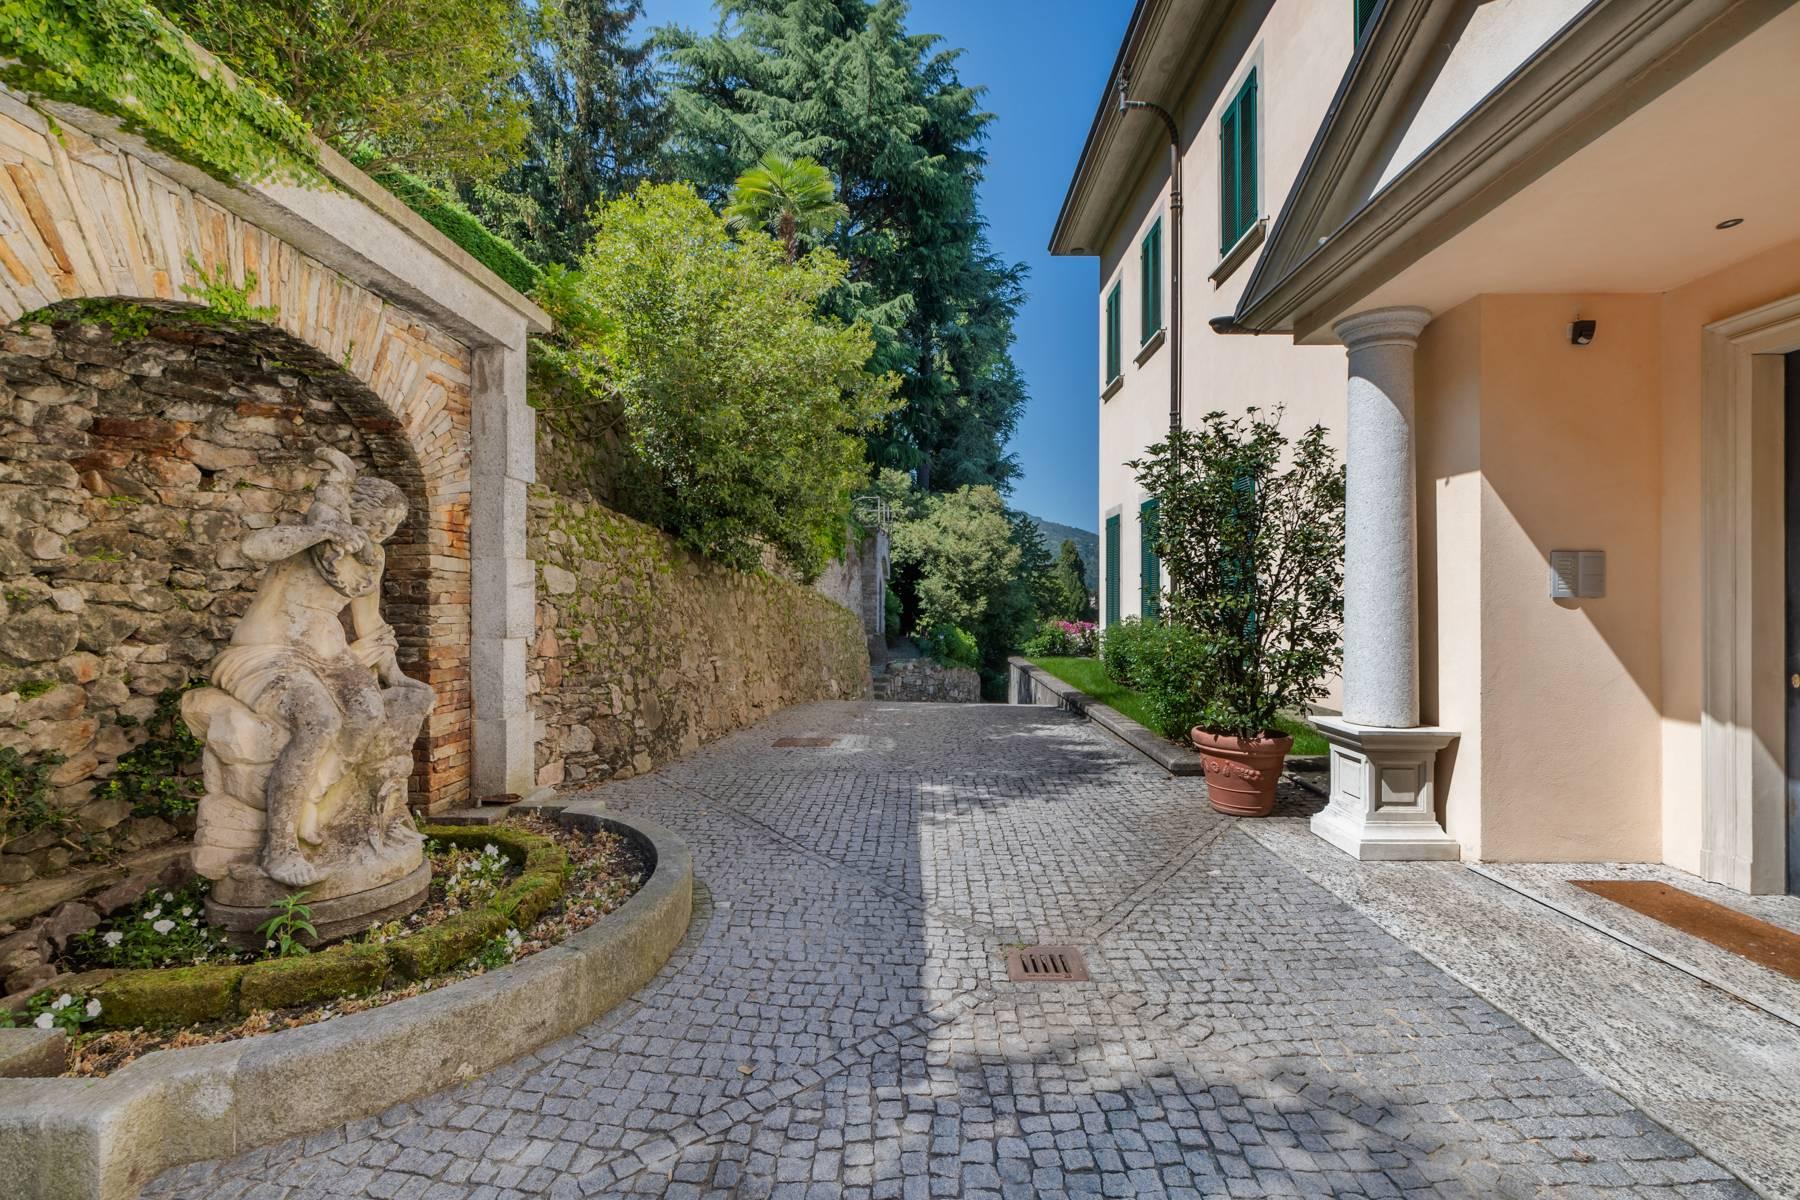 Villa in Vendita a Meina: 5 locali, 250 mq - Foto 28